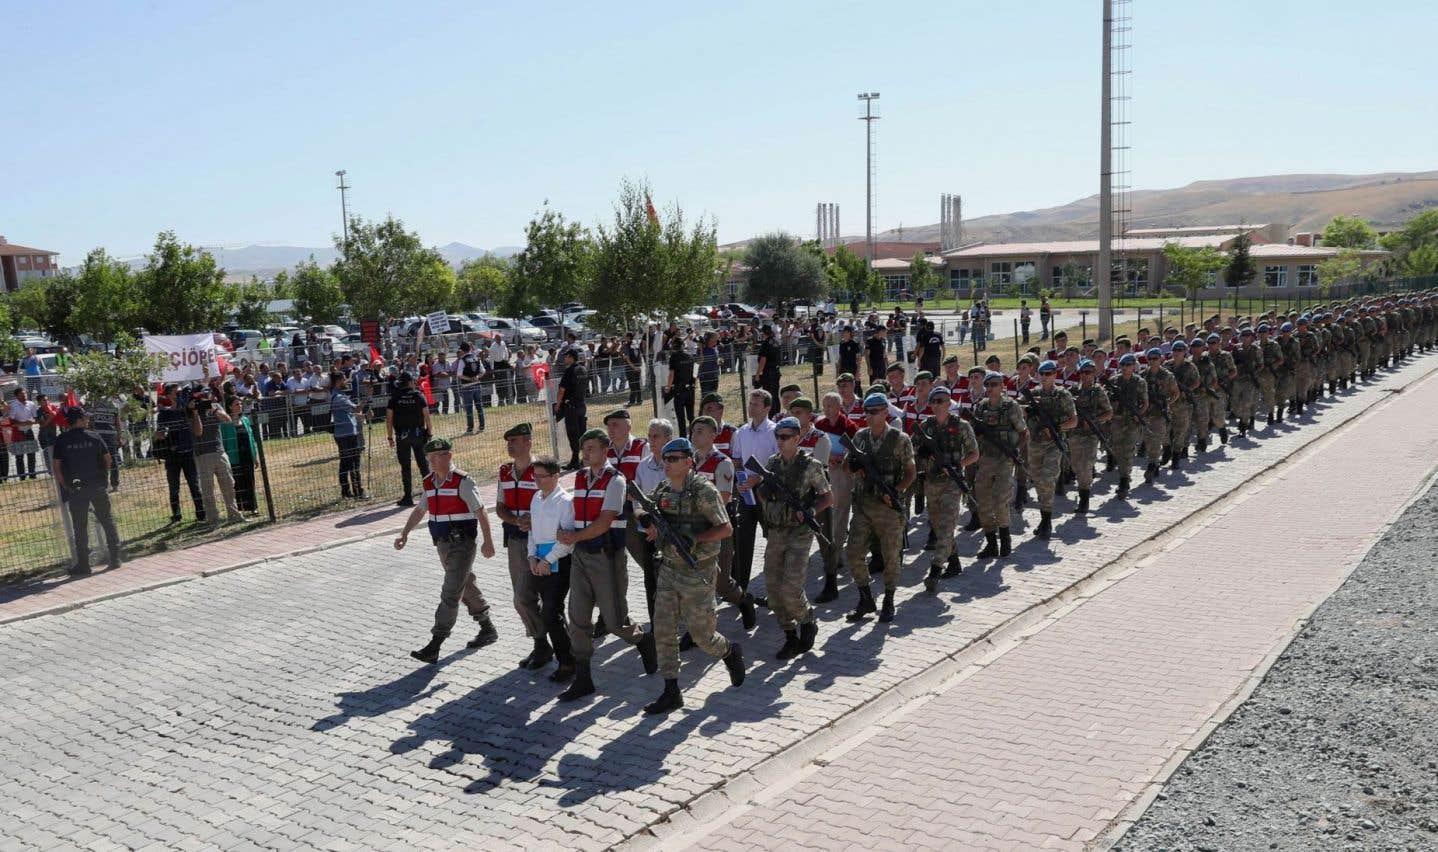 Mardi, 41 accusés ont été contraints de marcher depuis leur cellule jusqu'à une salle d'audience spécialement construite sur le site de la prison où ils sont détenus. Ils étaient menottés et escortés chacun par deux policiers paramilitaires.